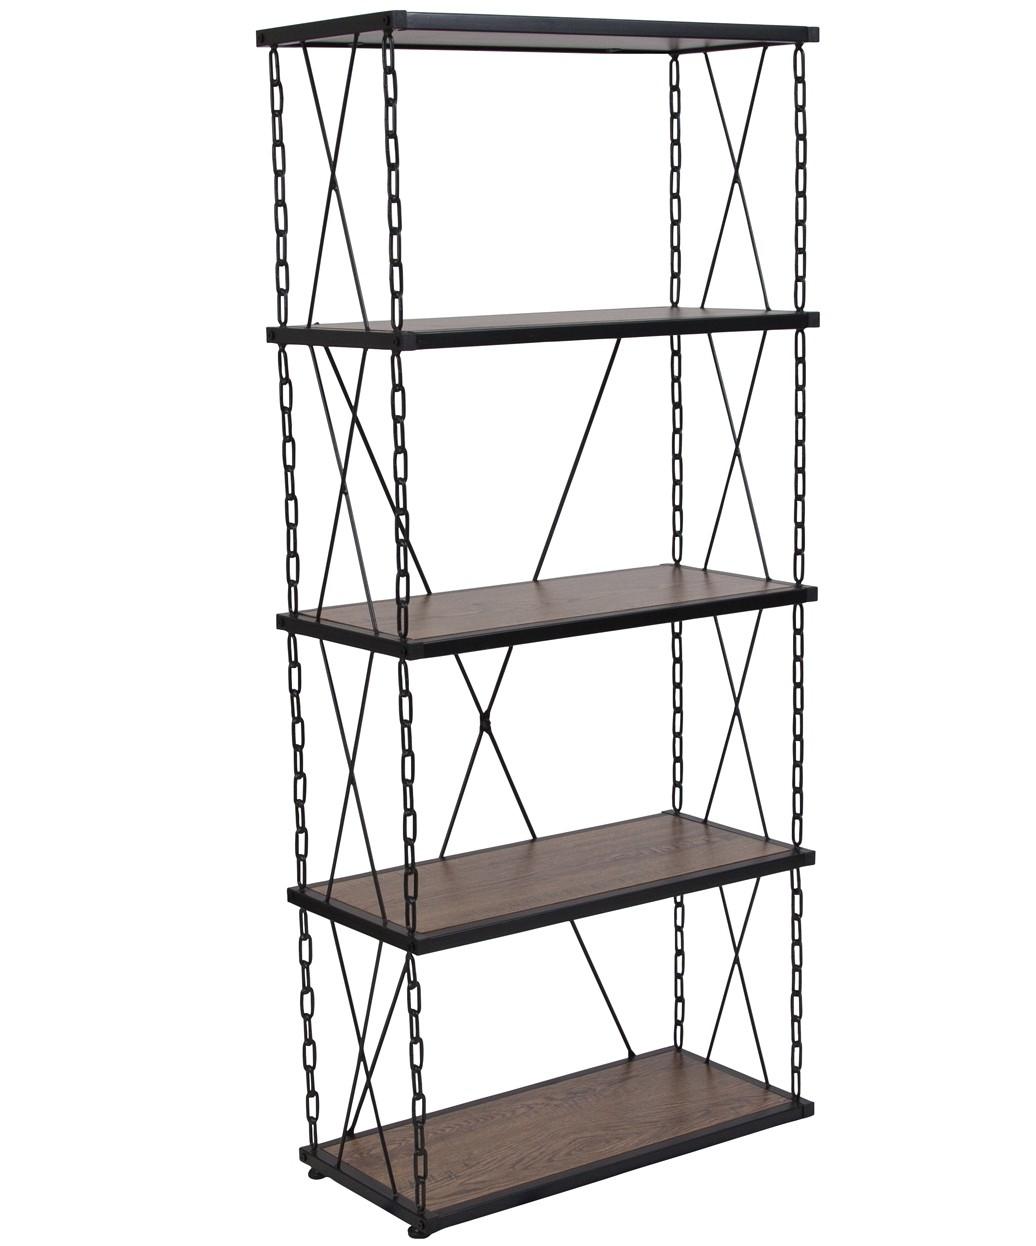 Mayfair Tall Salon Retail Display Unit